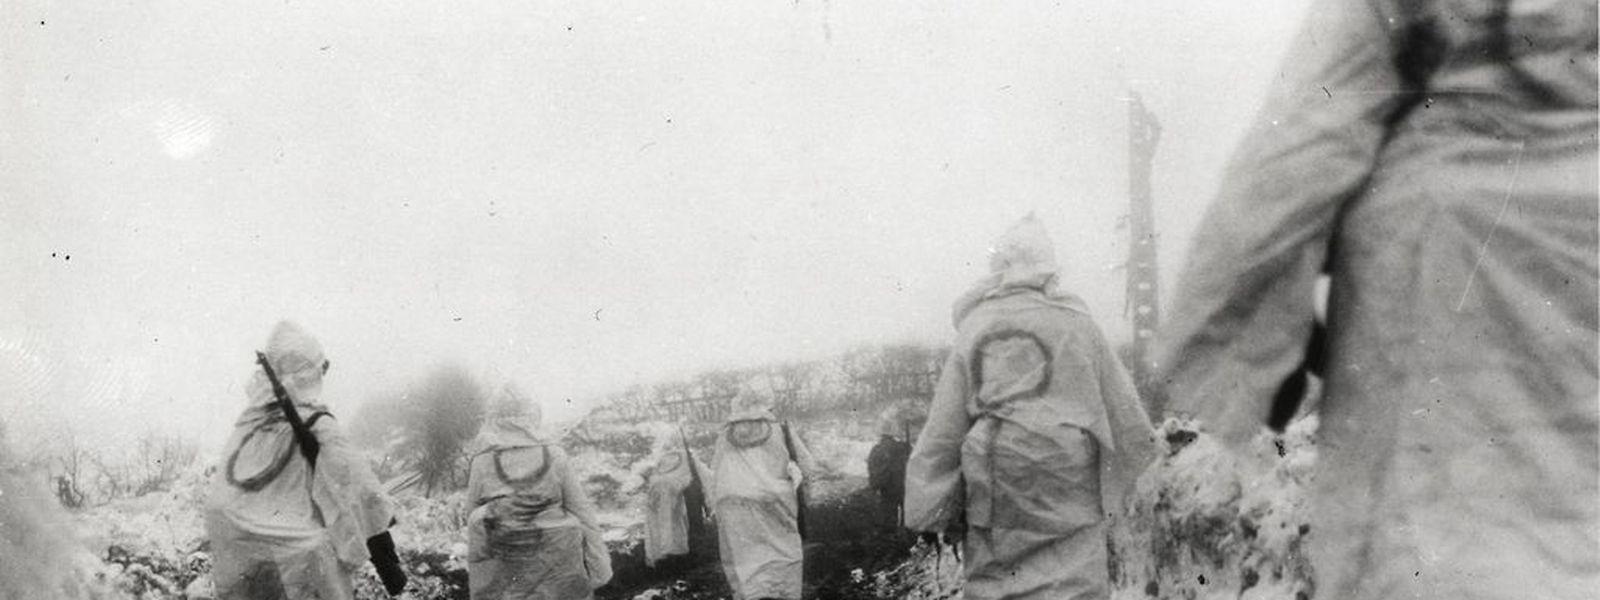 Schneetarnung der US-Soldaten.